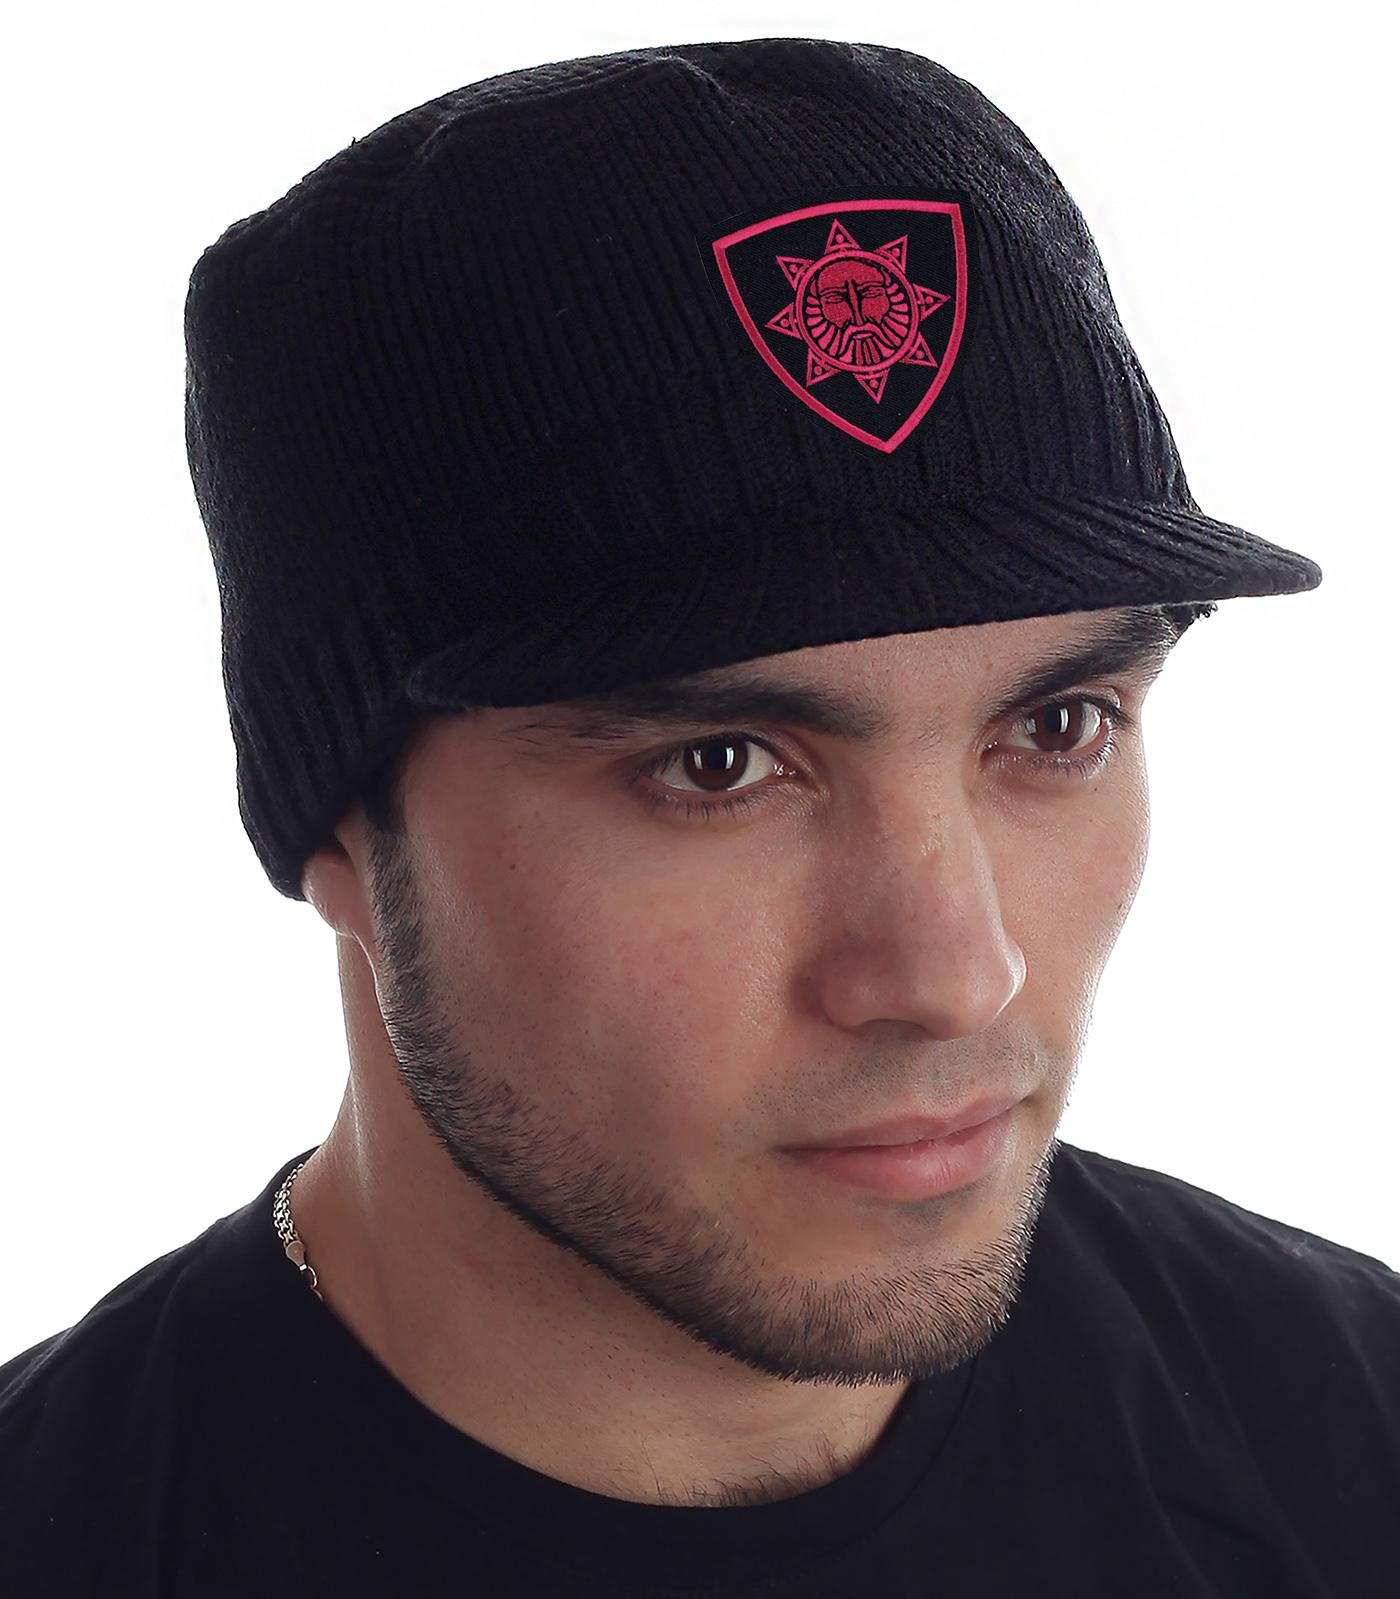 Заказать мужские вязаные шапочки онлайн